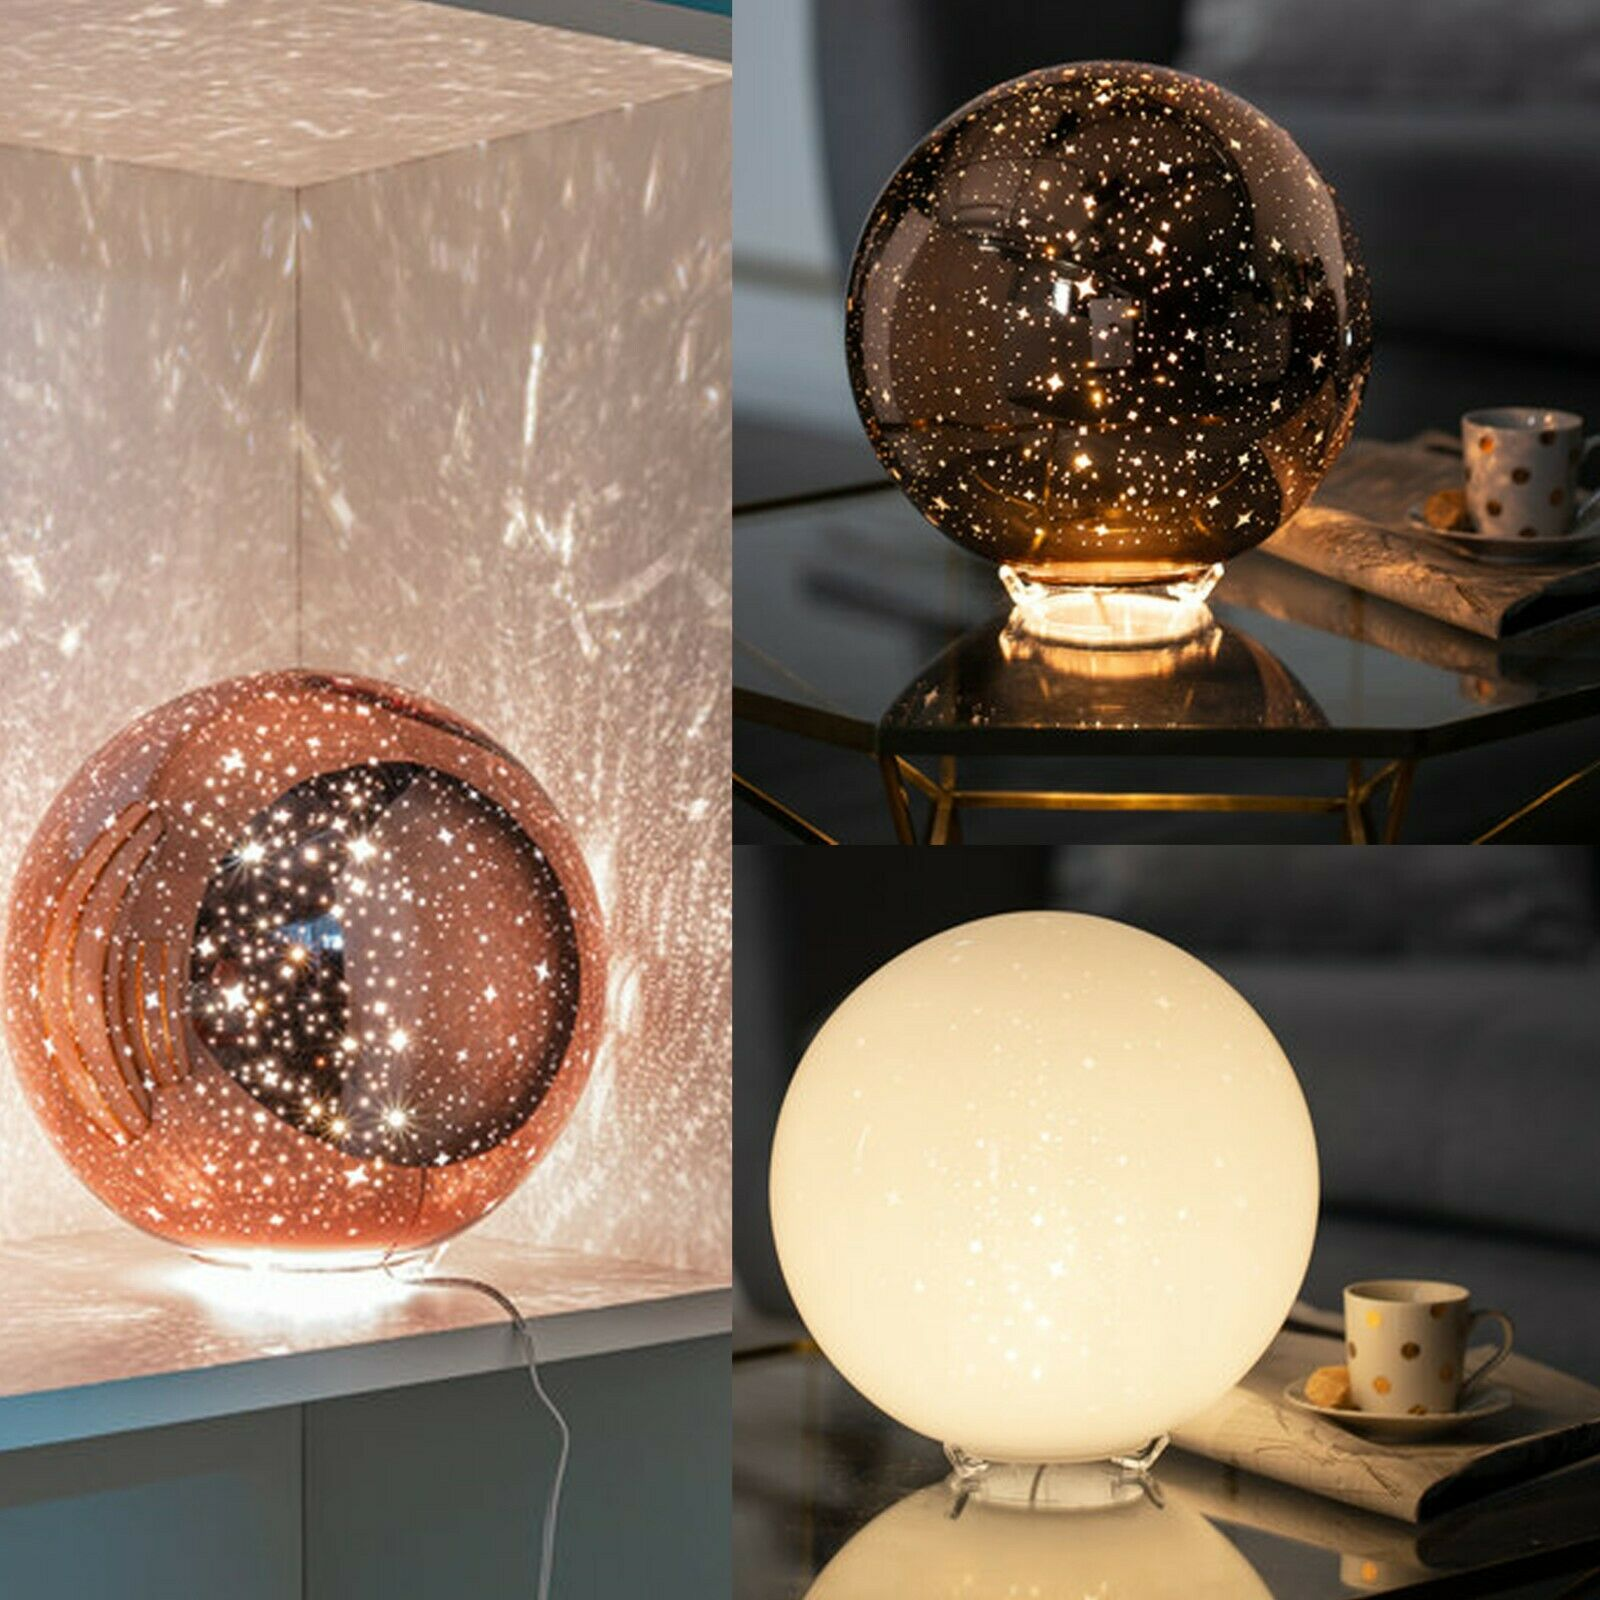 LED Tisch Leuchte Dielen Laterne XMAS Lampe Glitzer Effekt Flüssigkeit Strahler